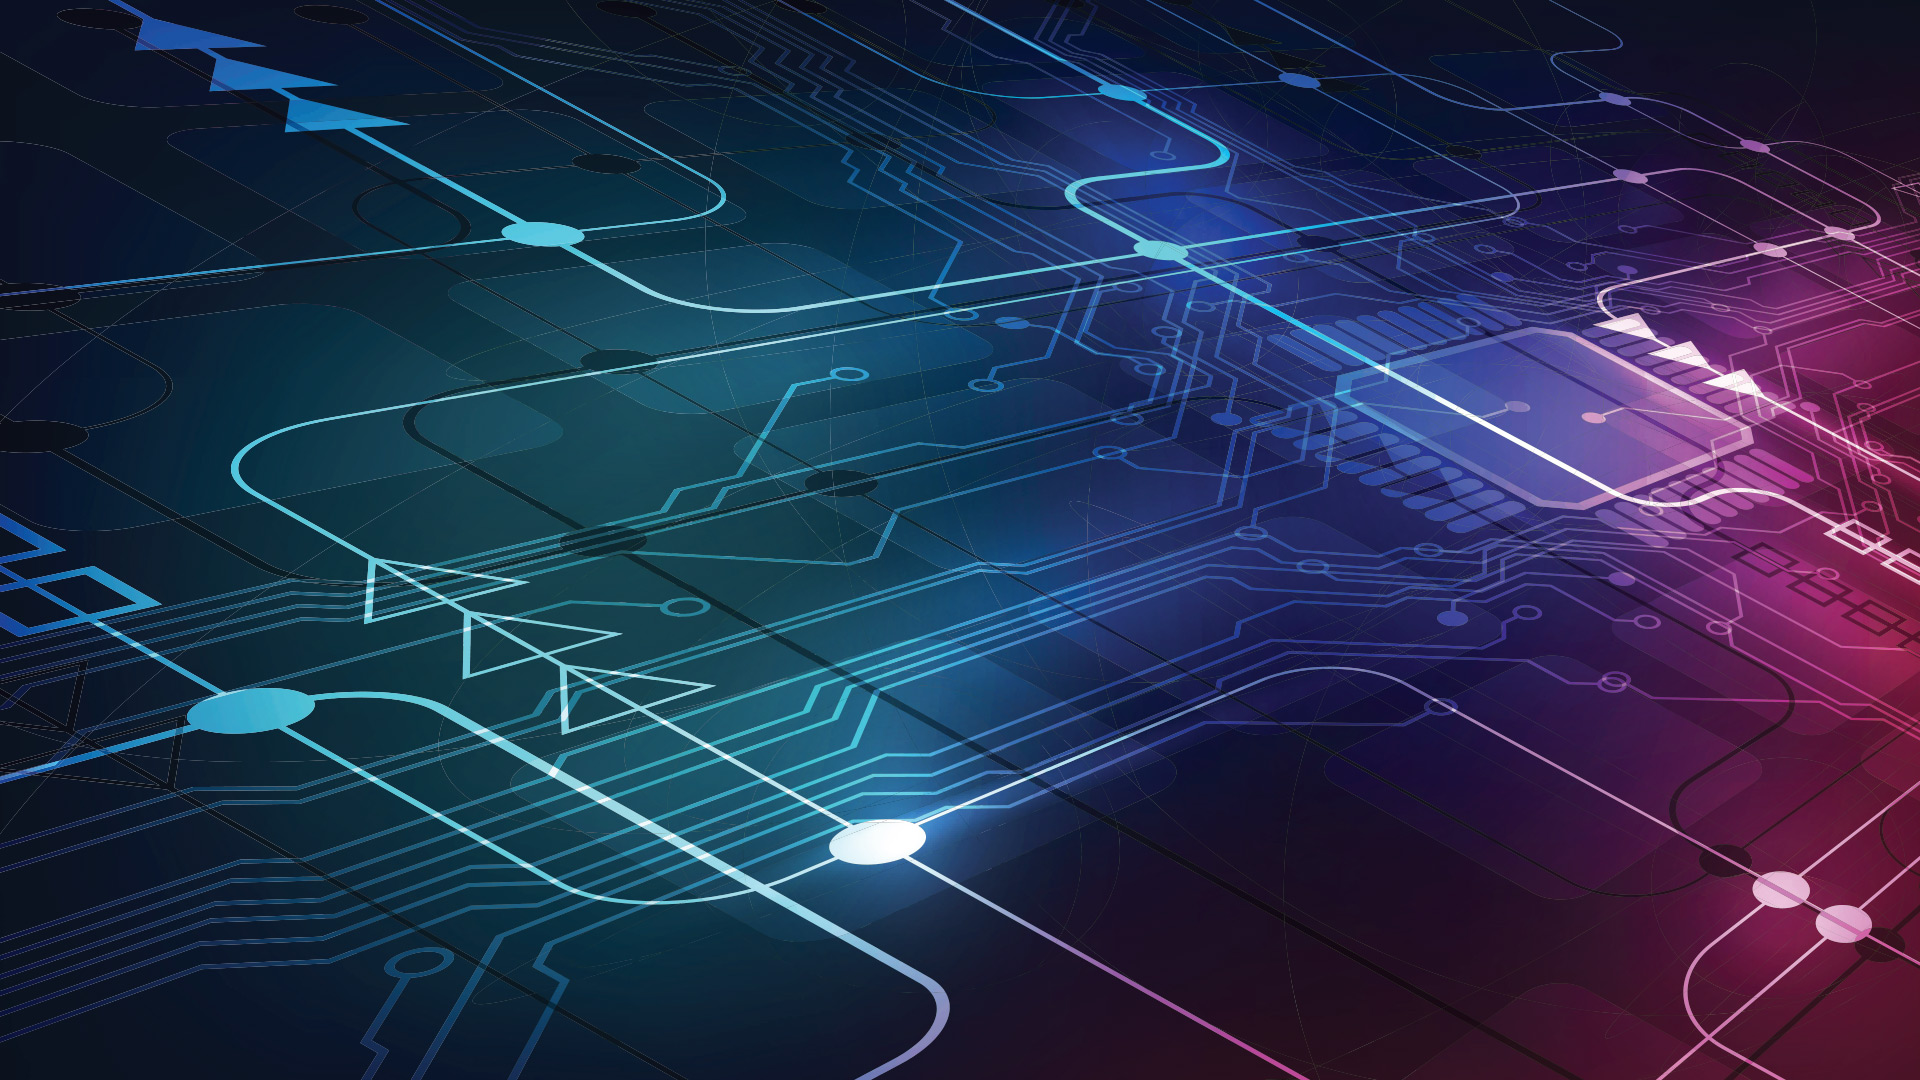 La transformation numérique et les principaux risques liés à la technologie, à la cybersécurité et à la protection de la vie privée